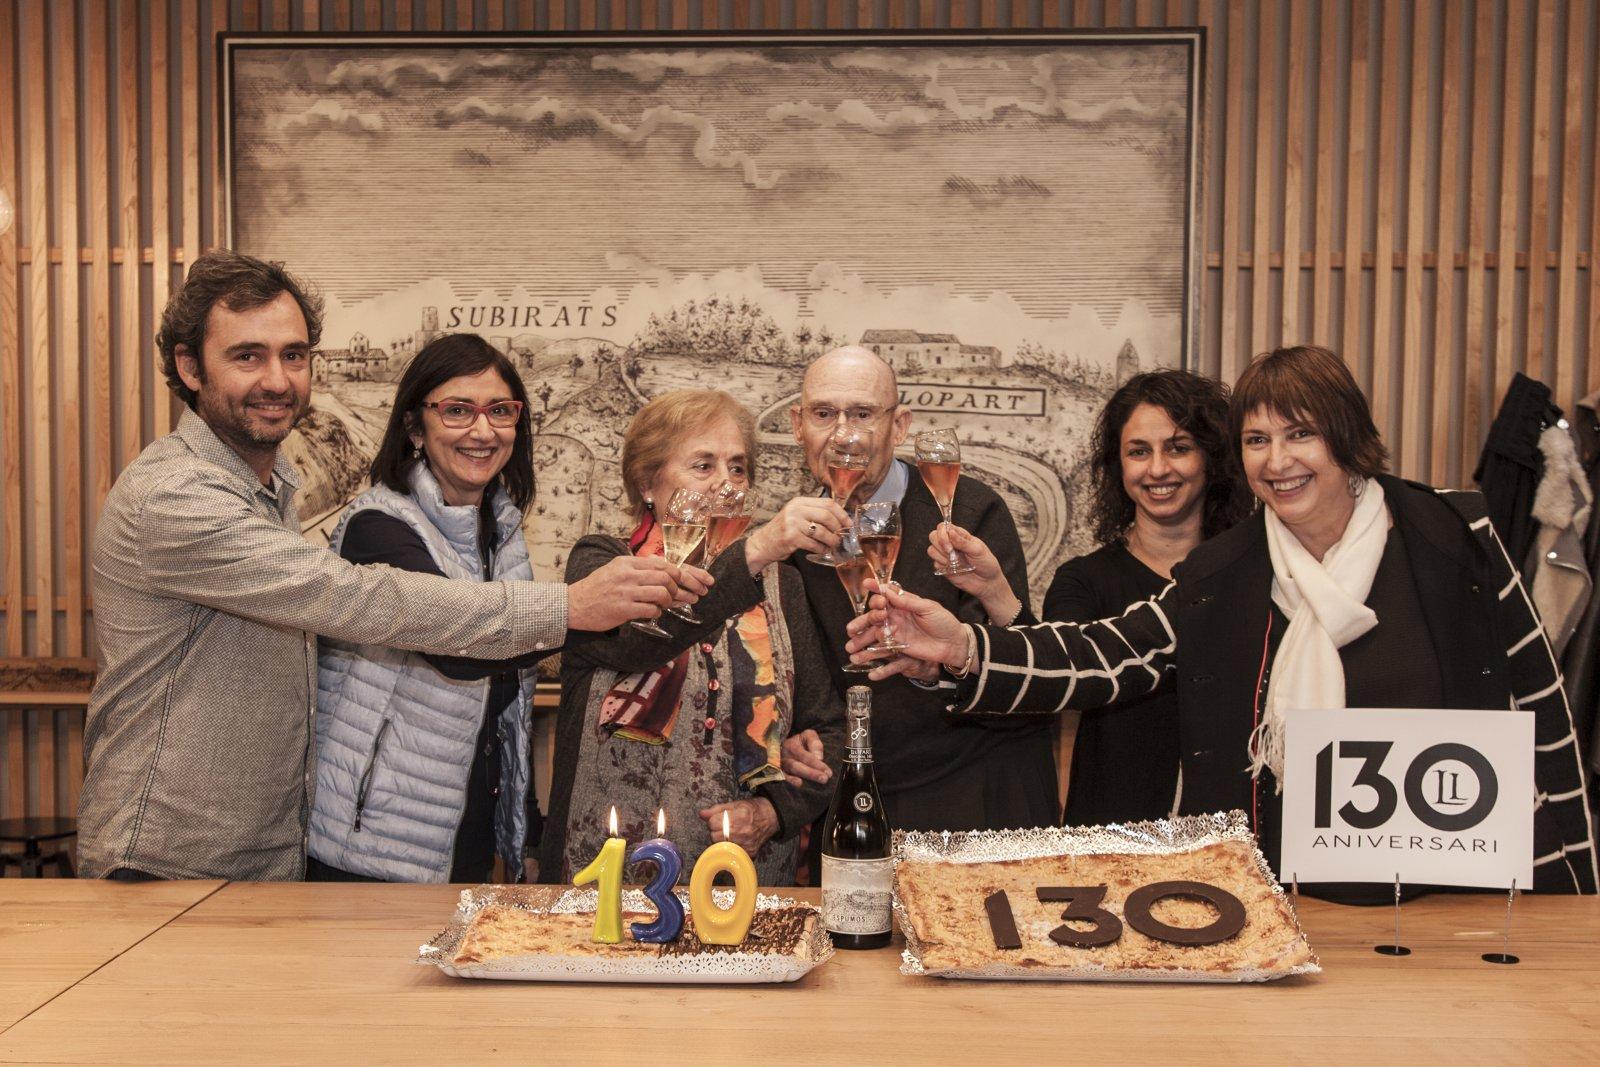 La família LLopart celebrant el primer dels actes commemoratius dels seus 130 anys d'història